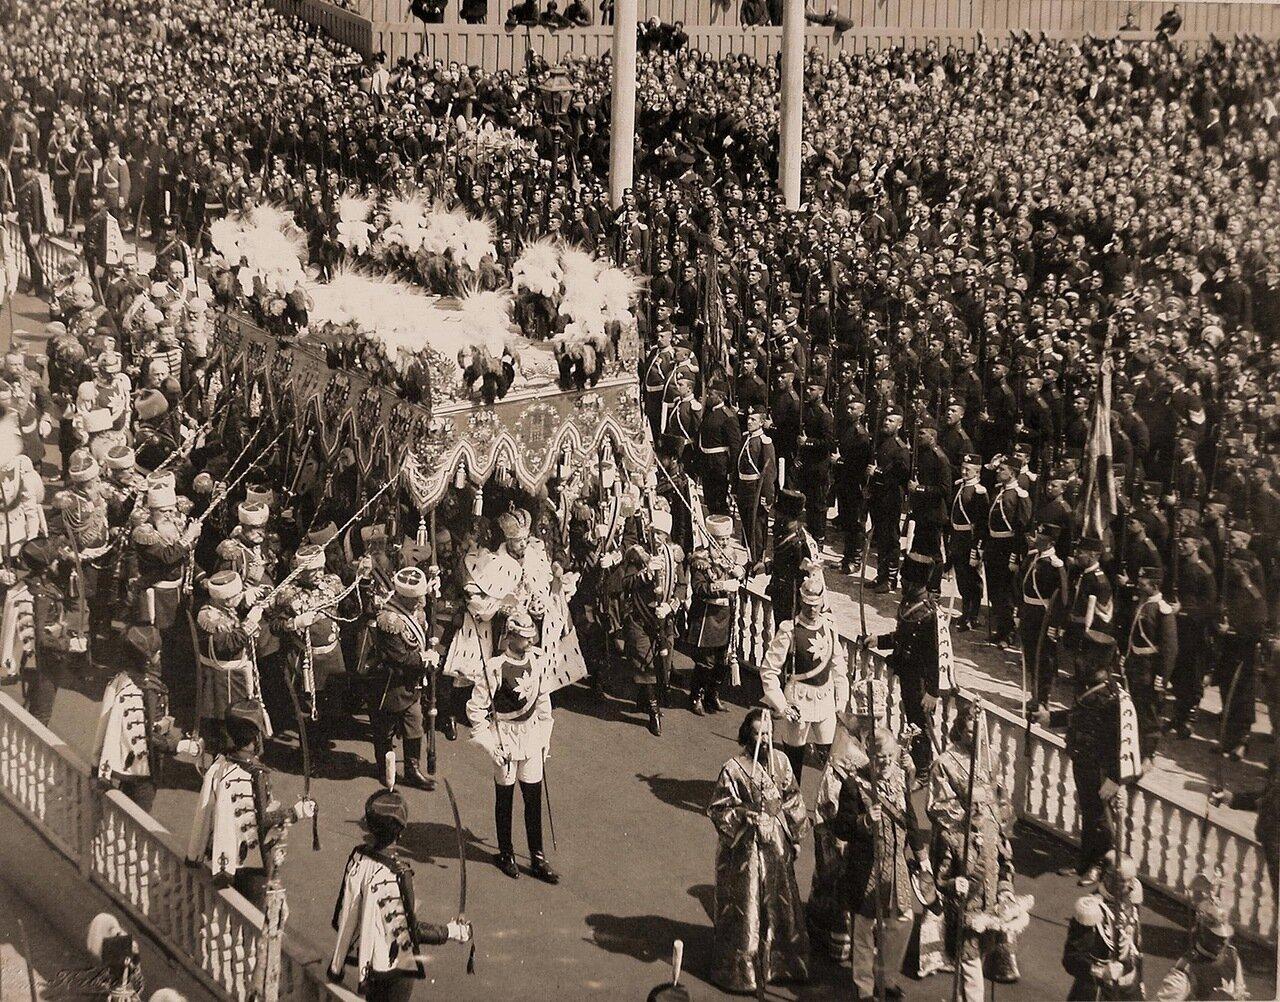 Торжественное шествие императора Николая II (под балдахином) в сопровождении свиты по окончании церемонии коронации в Успенском соборе Кремля; справа (в нижнем углу снимка) - церемониймейстеры (с жезлами)